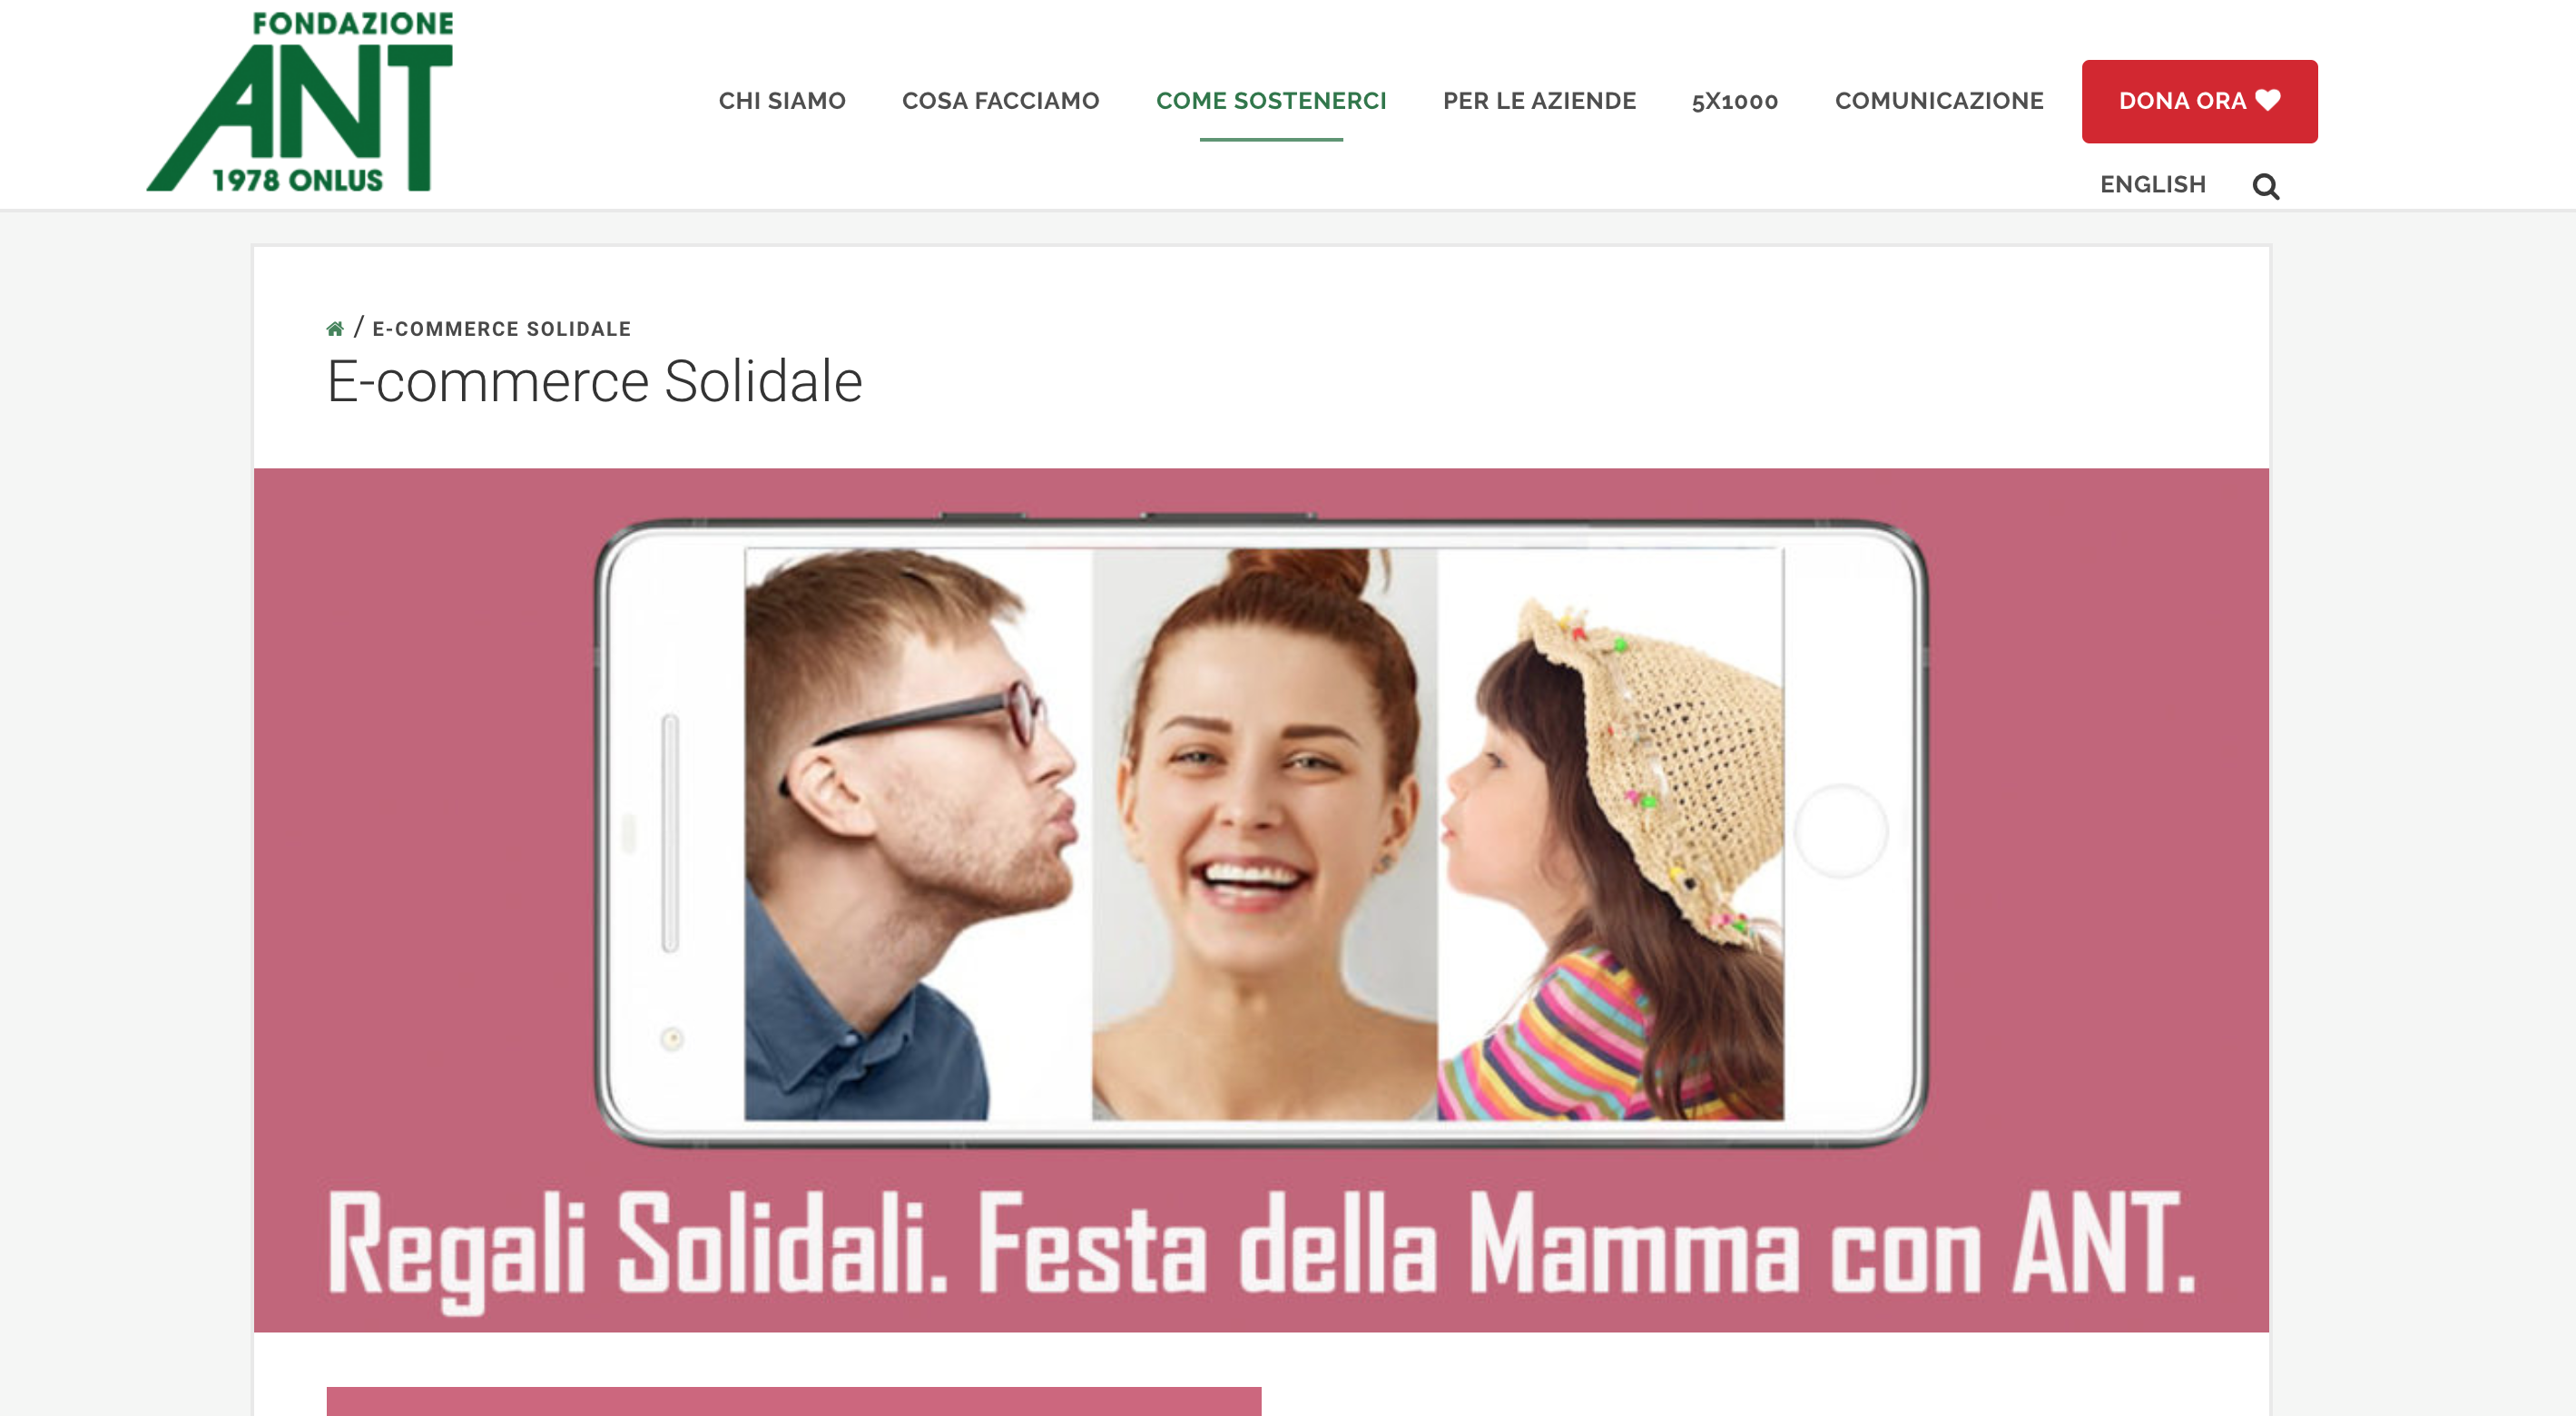 Fondazione ANT regalo festa mamma